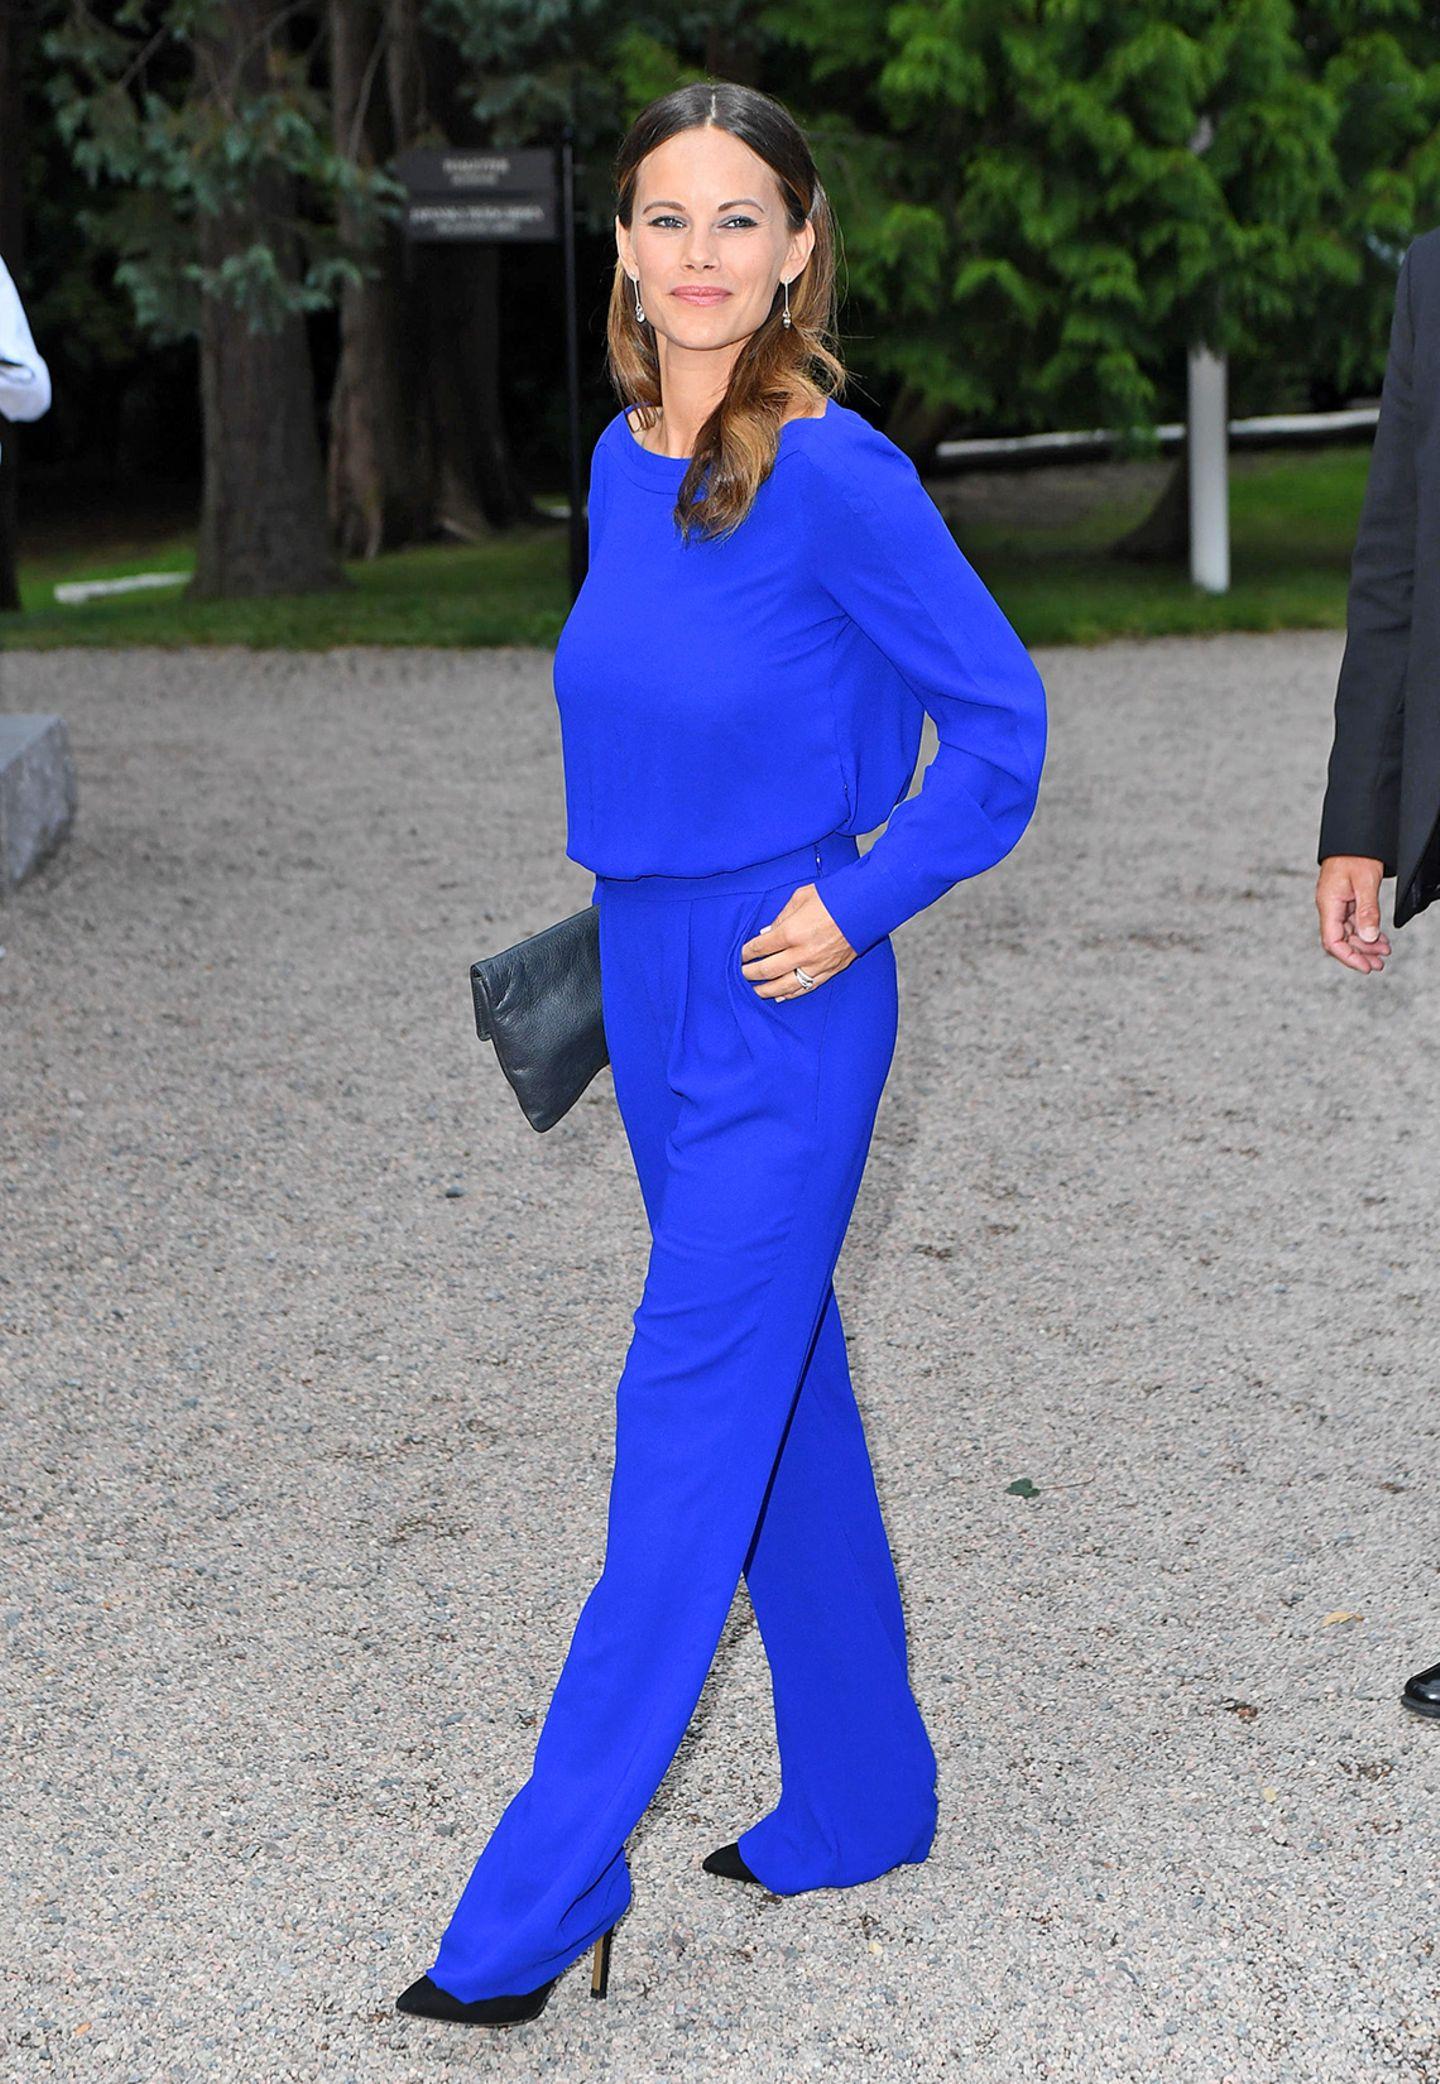 Eine Prinzessin macht Blau! Für das Charity-Dinner anlässlich des Weltwirtschaftstages in Båstad hat sich Sofia von Schweden mit diesem royalblauen Ensemble einen echten Blickfang aus dem Schrank geholt.